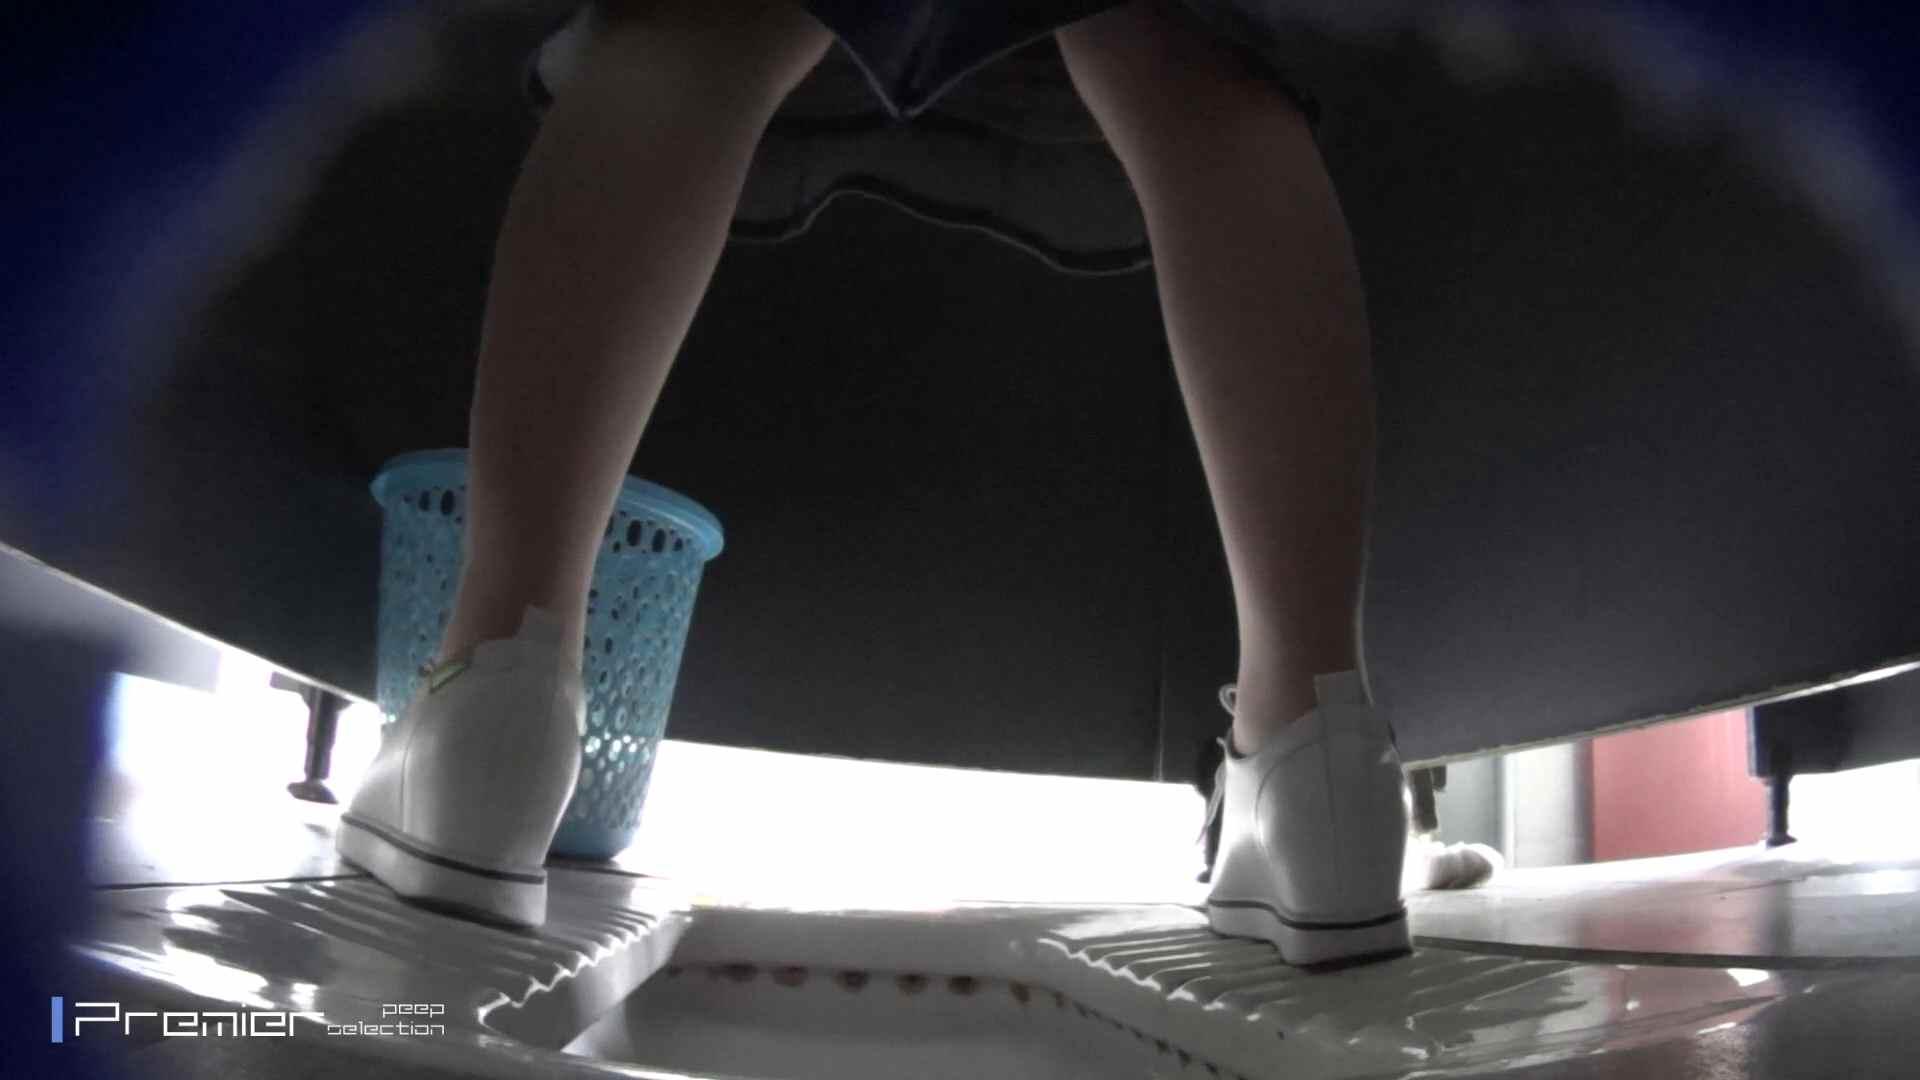 清楚なJDトイレ盗撮 大学休憩時間の洗面所事情41 ギャル攻め AV動画キャプチャ 69画像 13